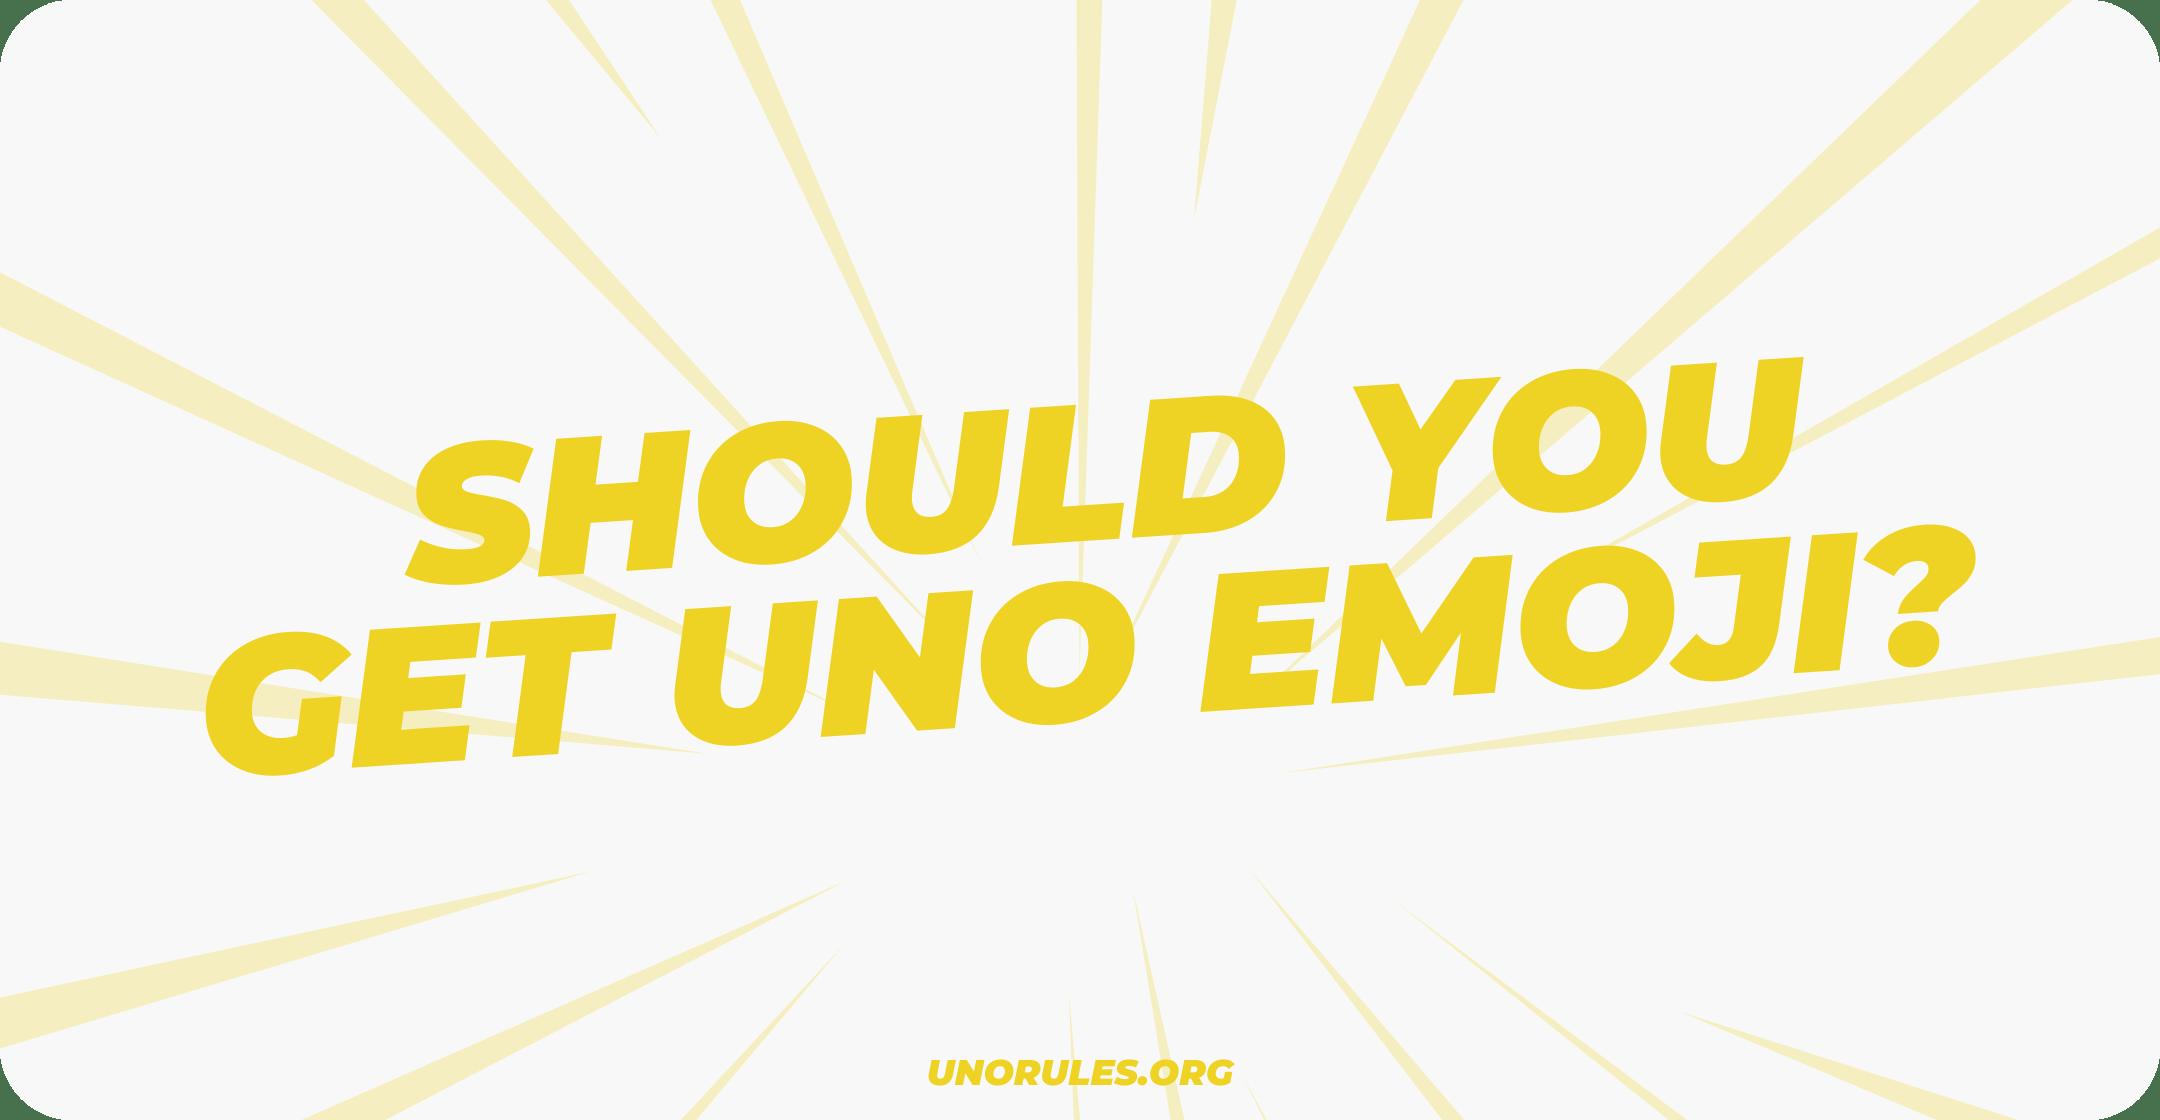 Should you get Uno Emoji